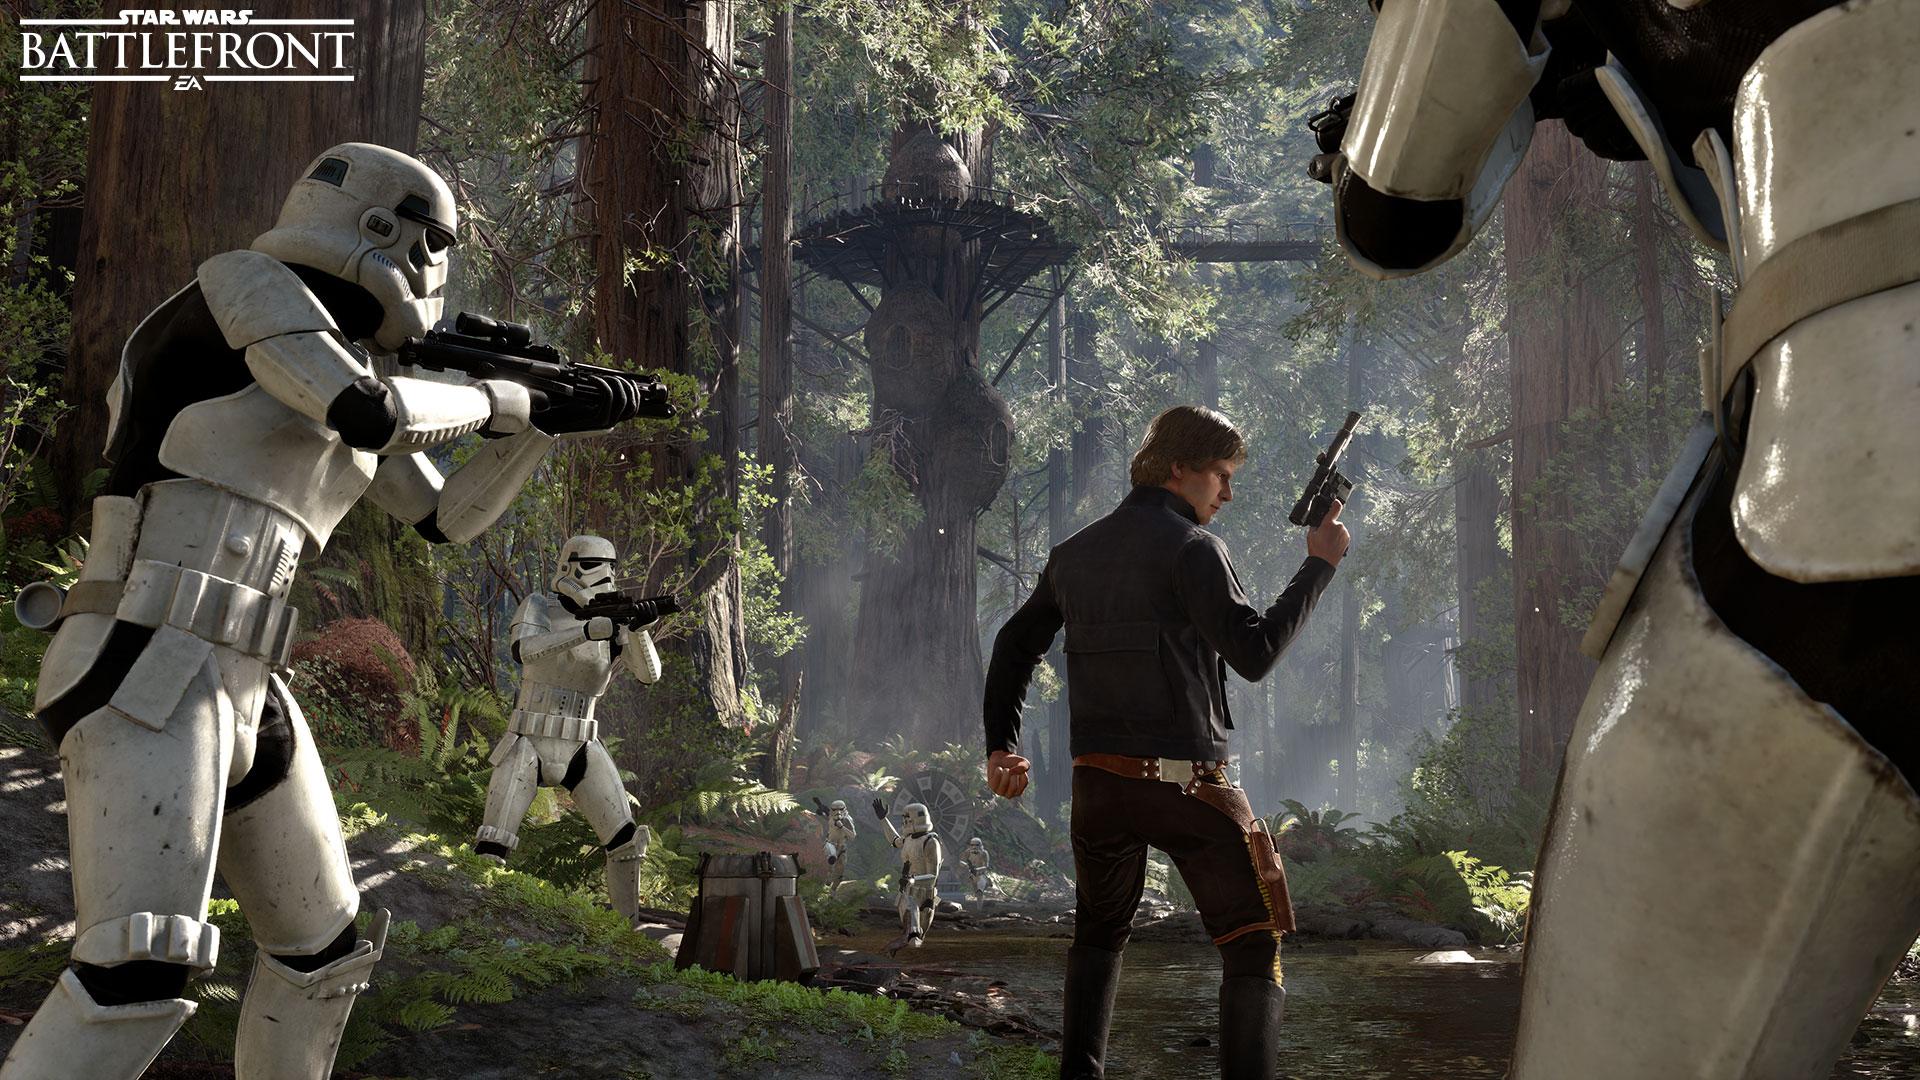 Ve Star Wars: Battlefront se opravdu objeví Han Solo, Leia Organa a císař Palpatine 115255